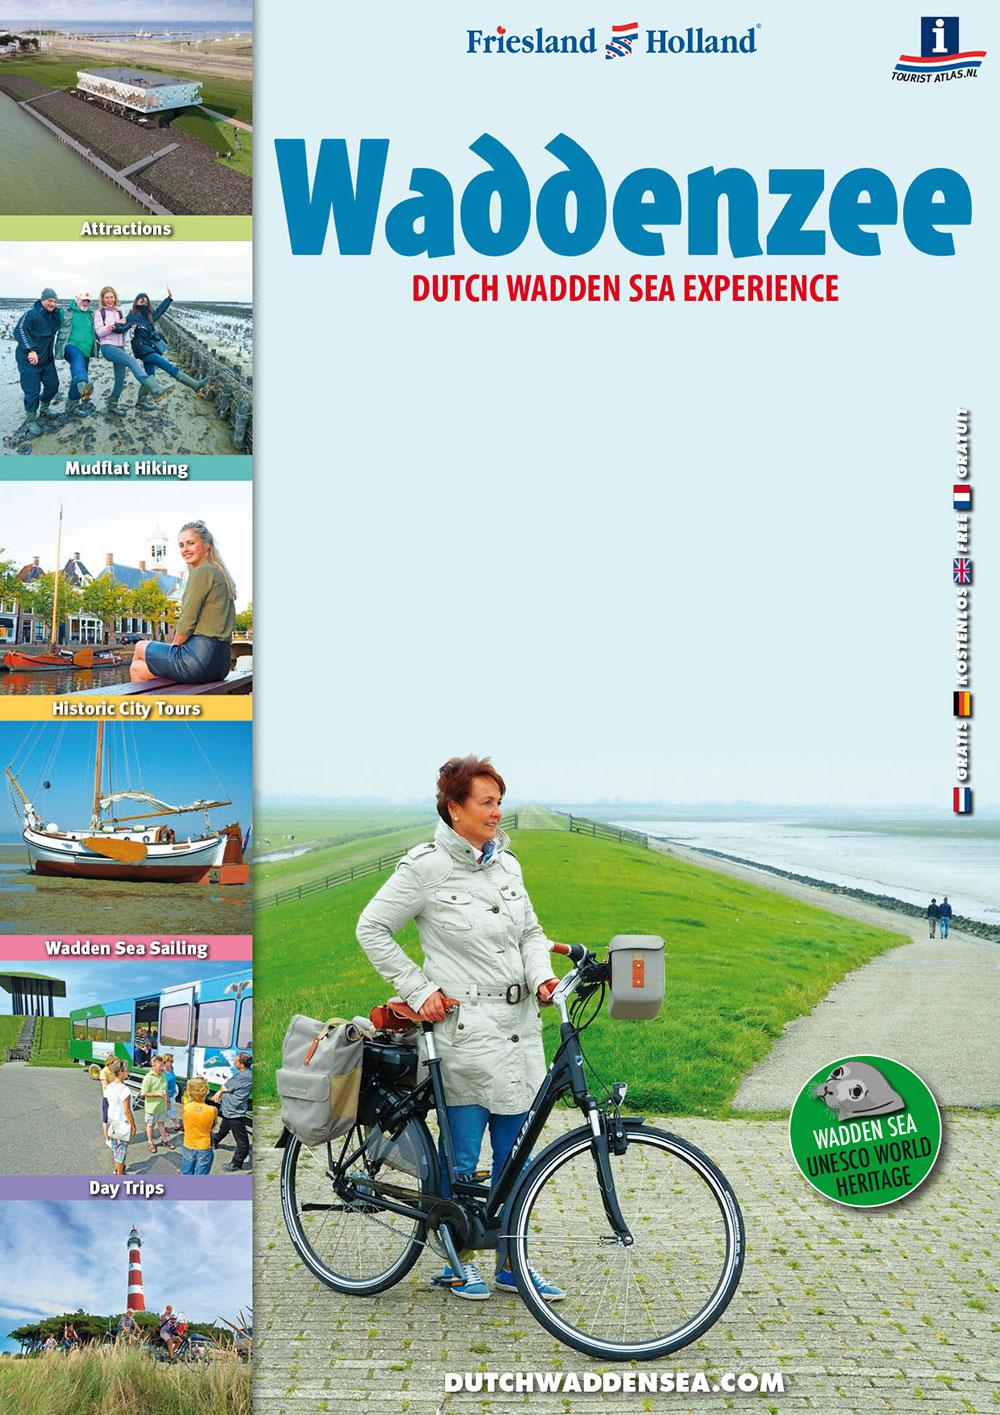 Nieuw magazine en website Waddenzee: routes, arrangementen en streekproducten